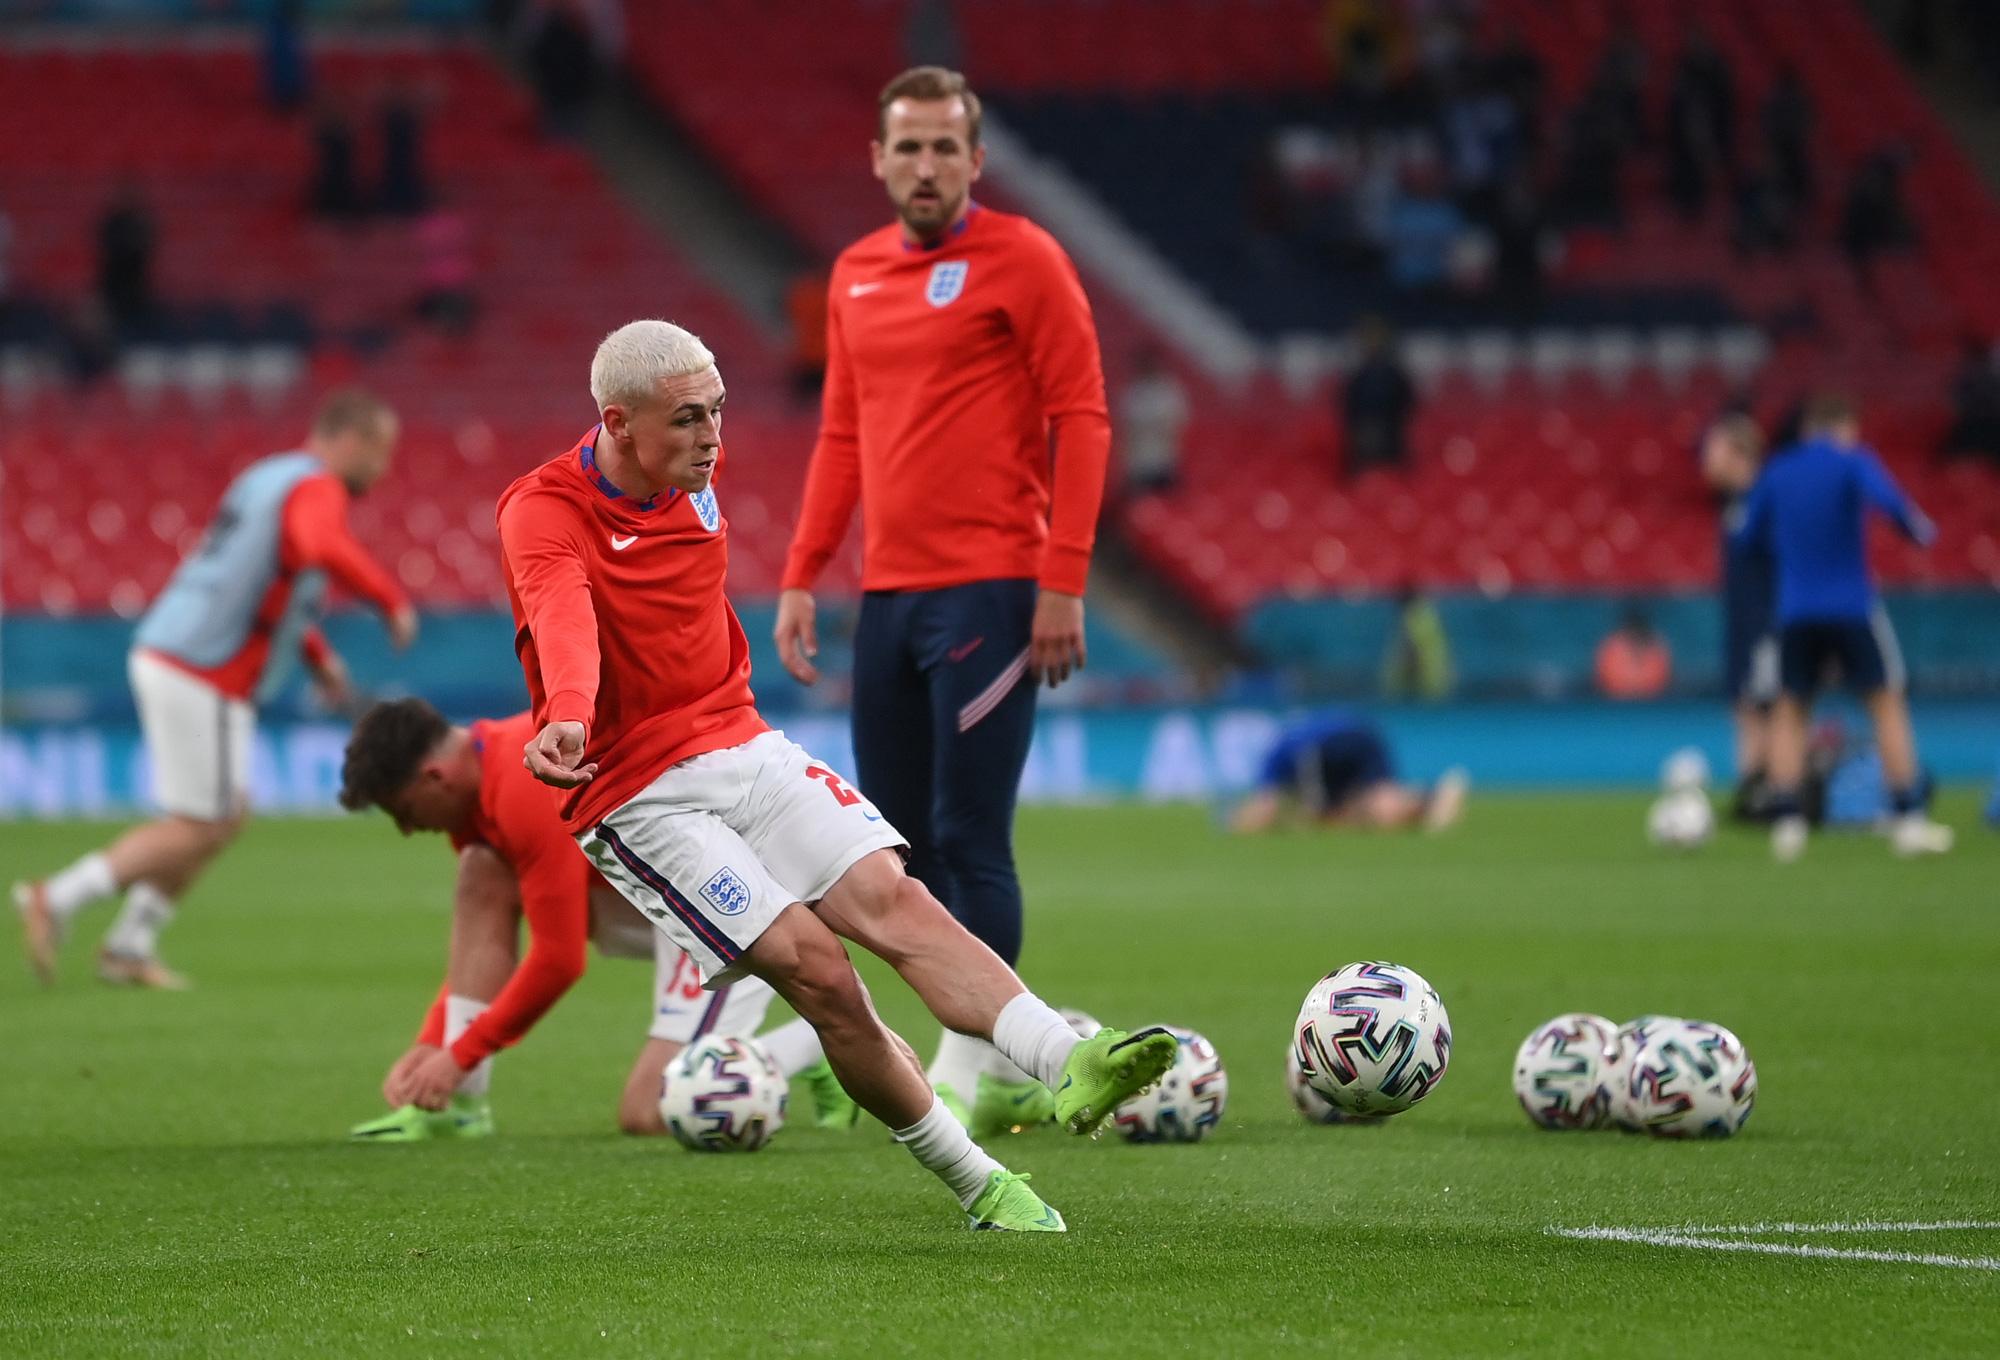 Anh 0-0 Scotland: Nỗi thất vọng cùng cực từ đội chủ nhà - Ảnh 16.